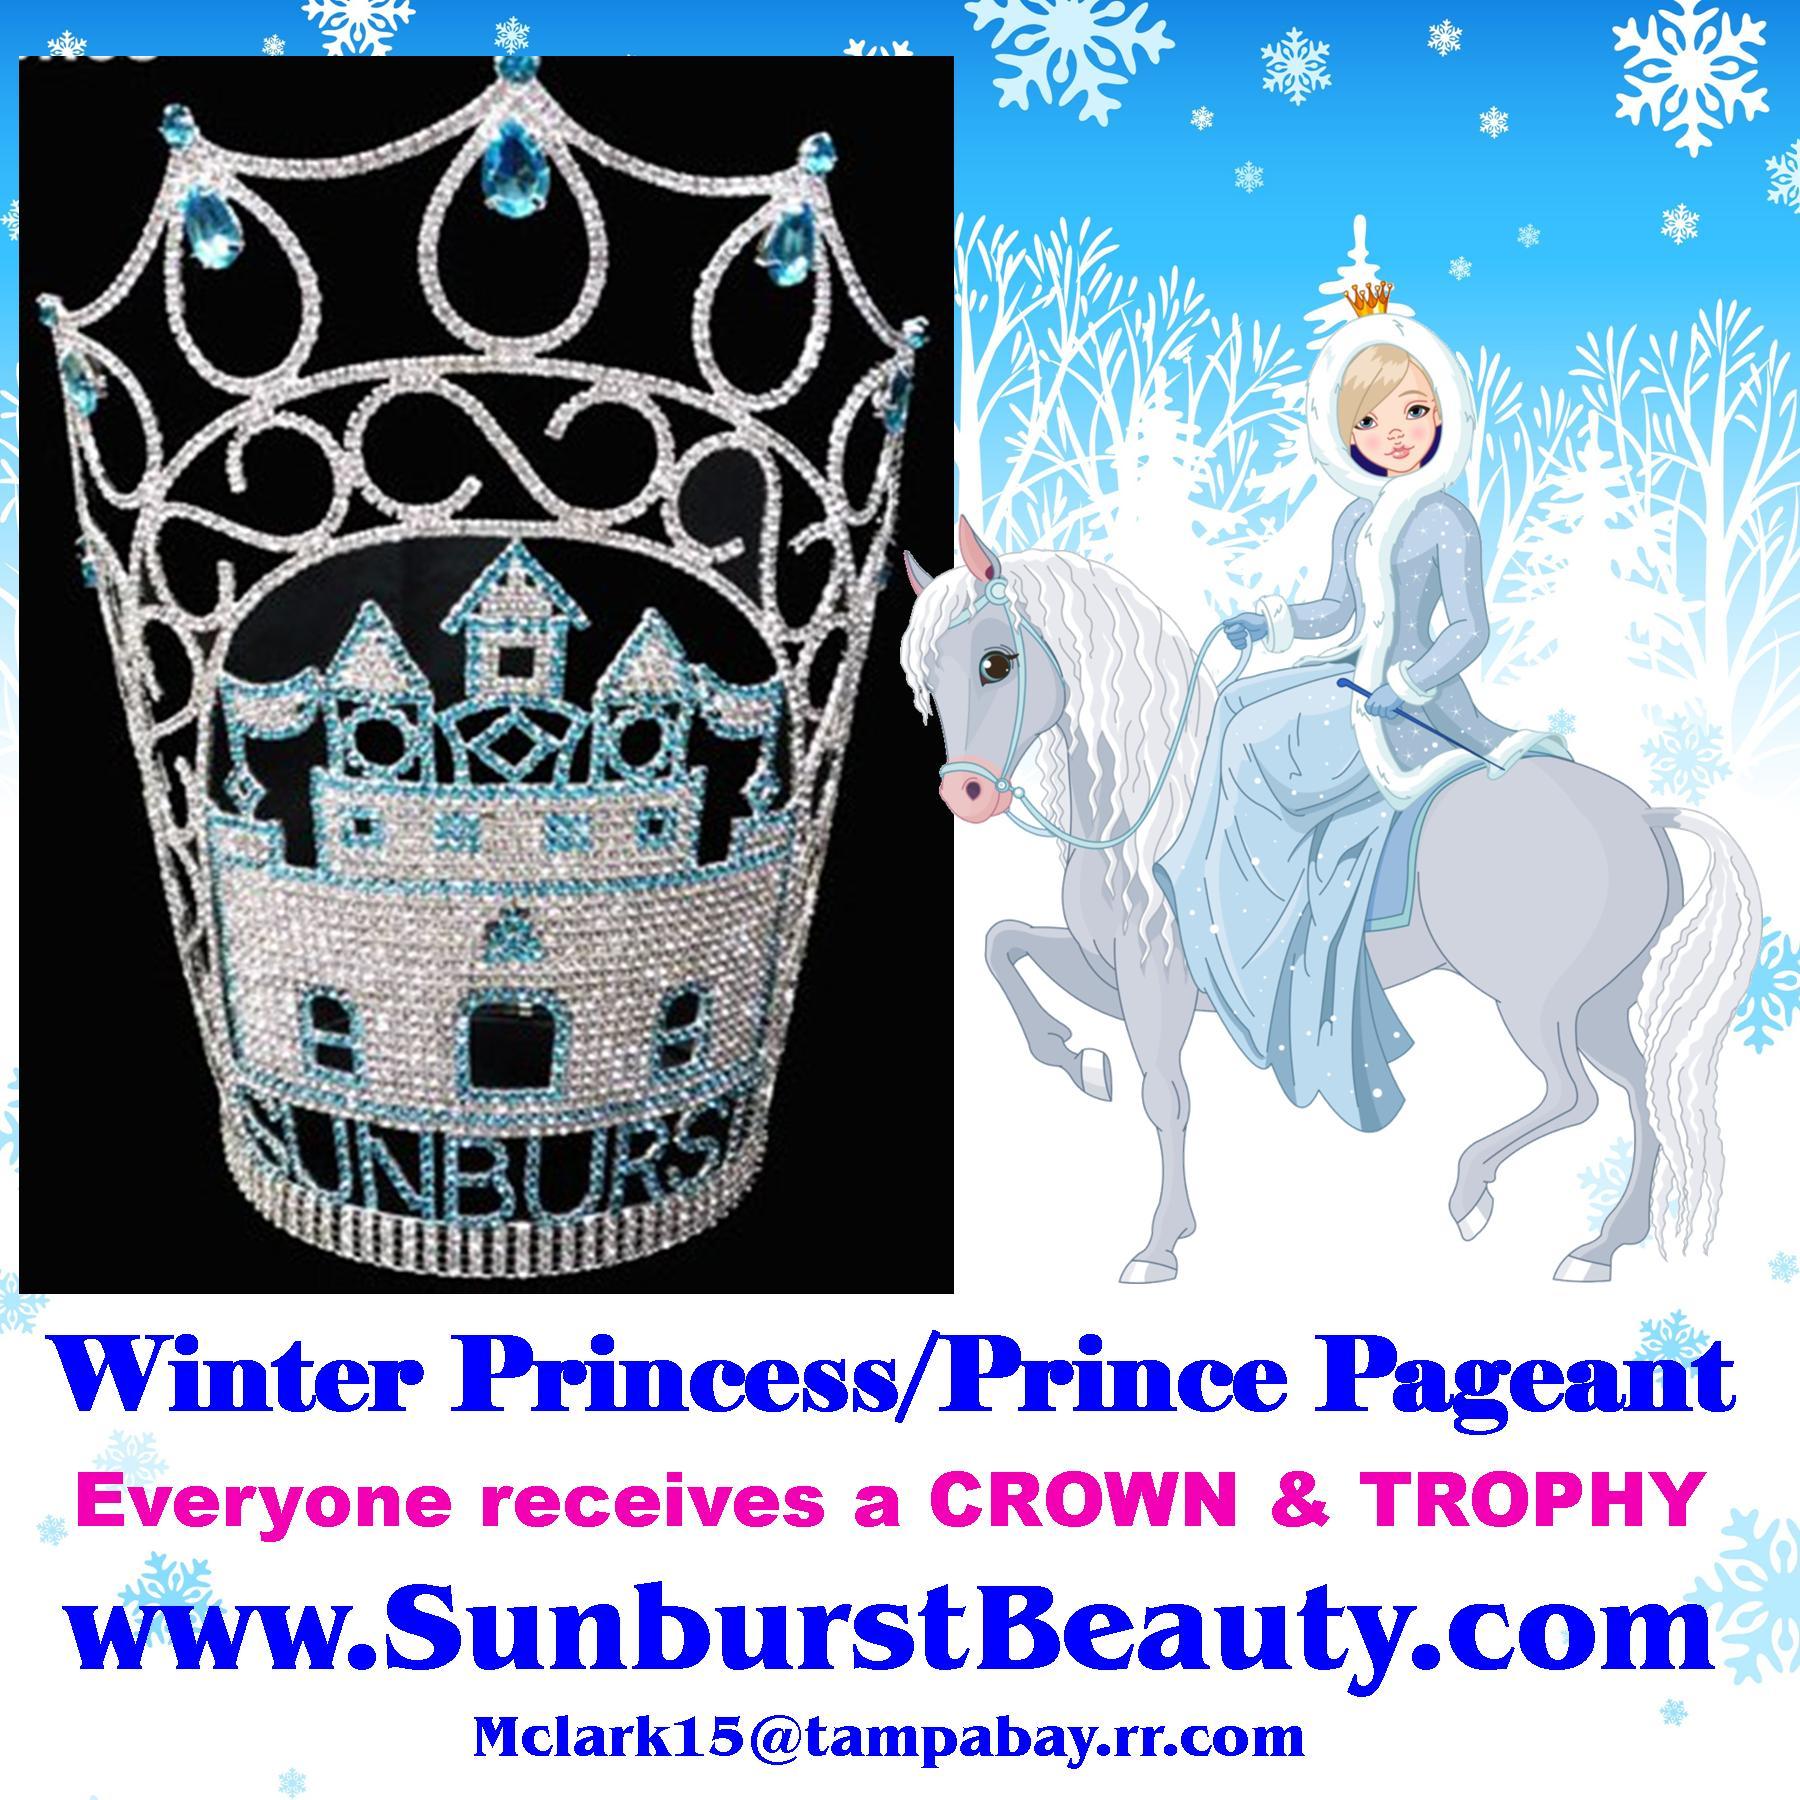 Winter Princess/Prince Pageant